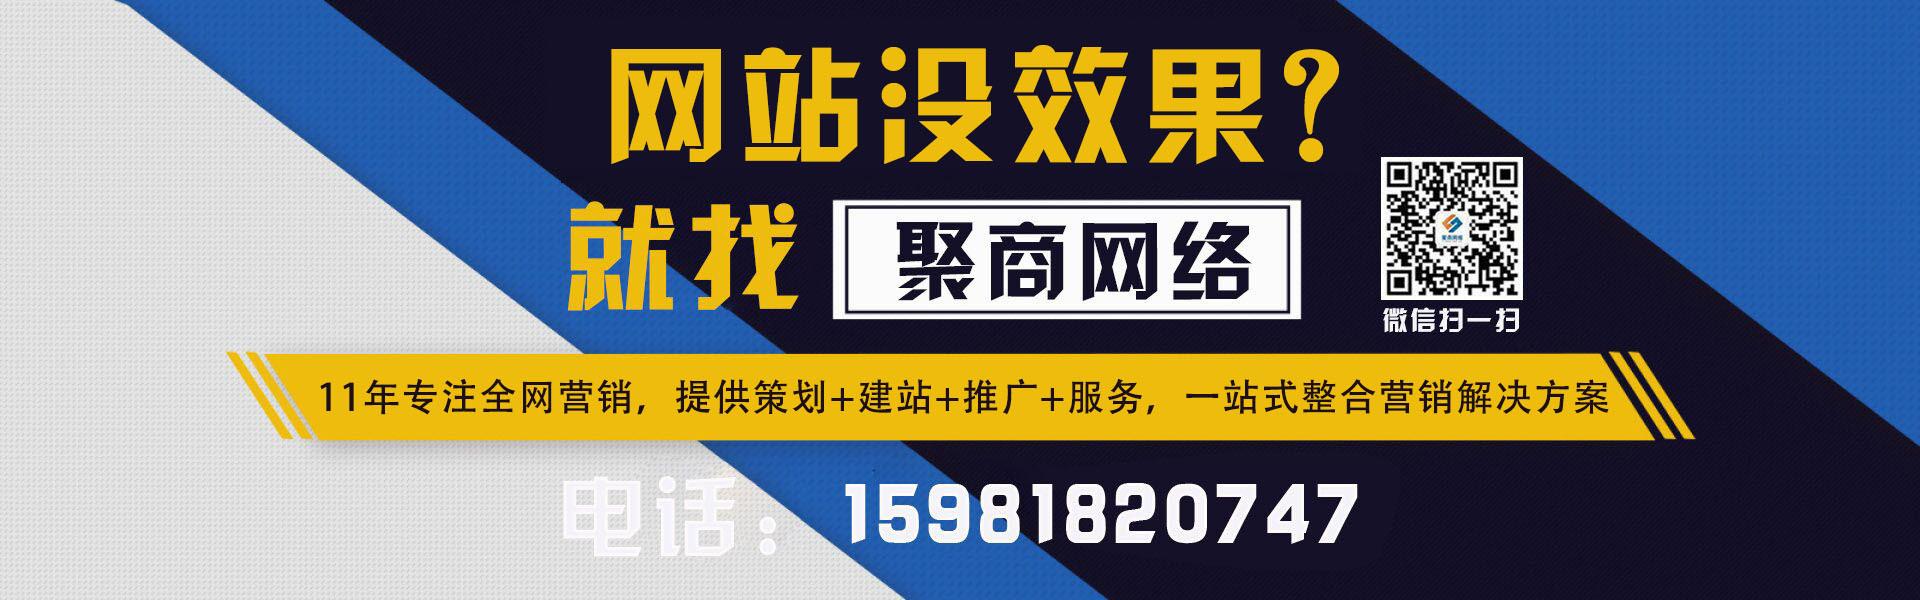 鄭州網絡推廣